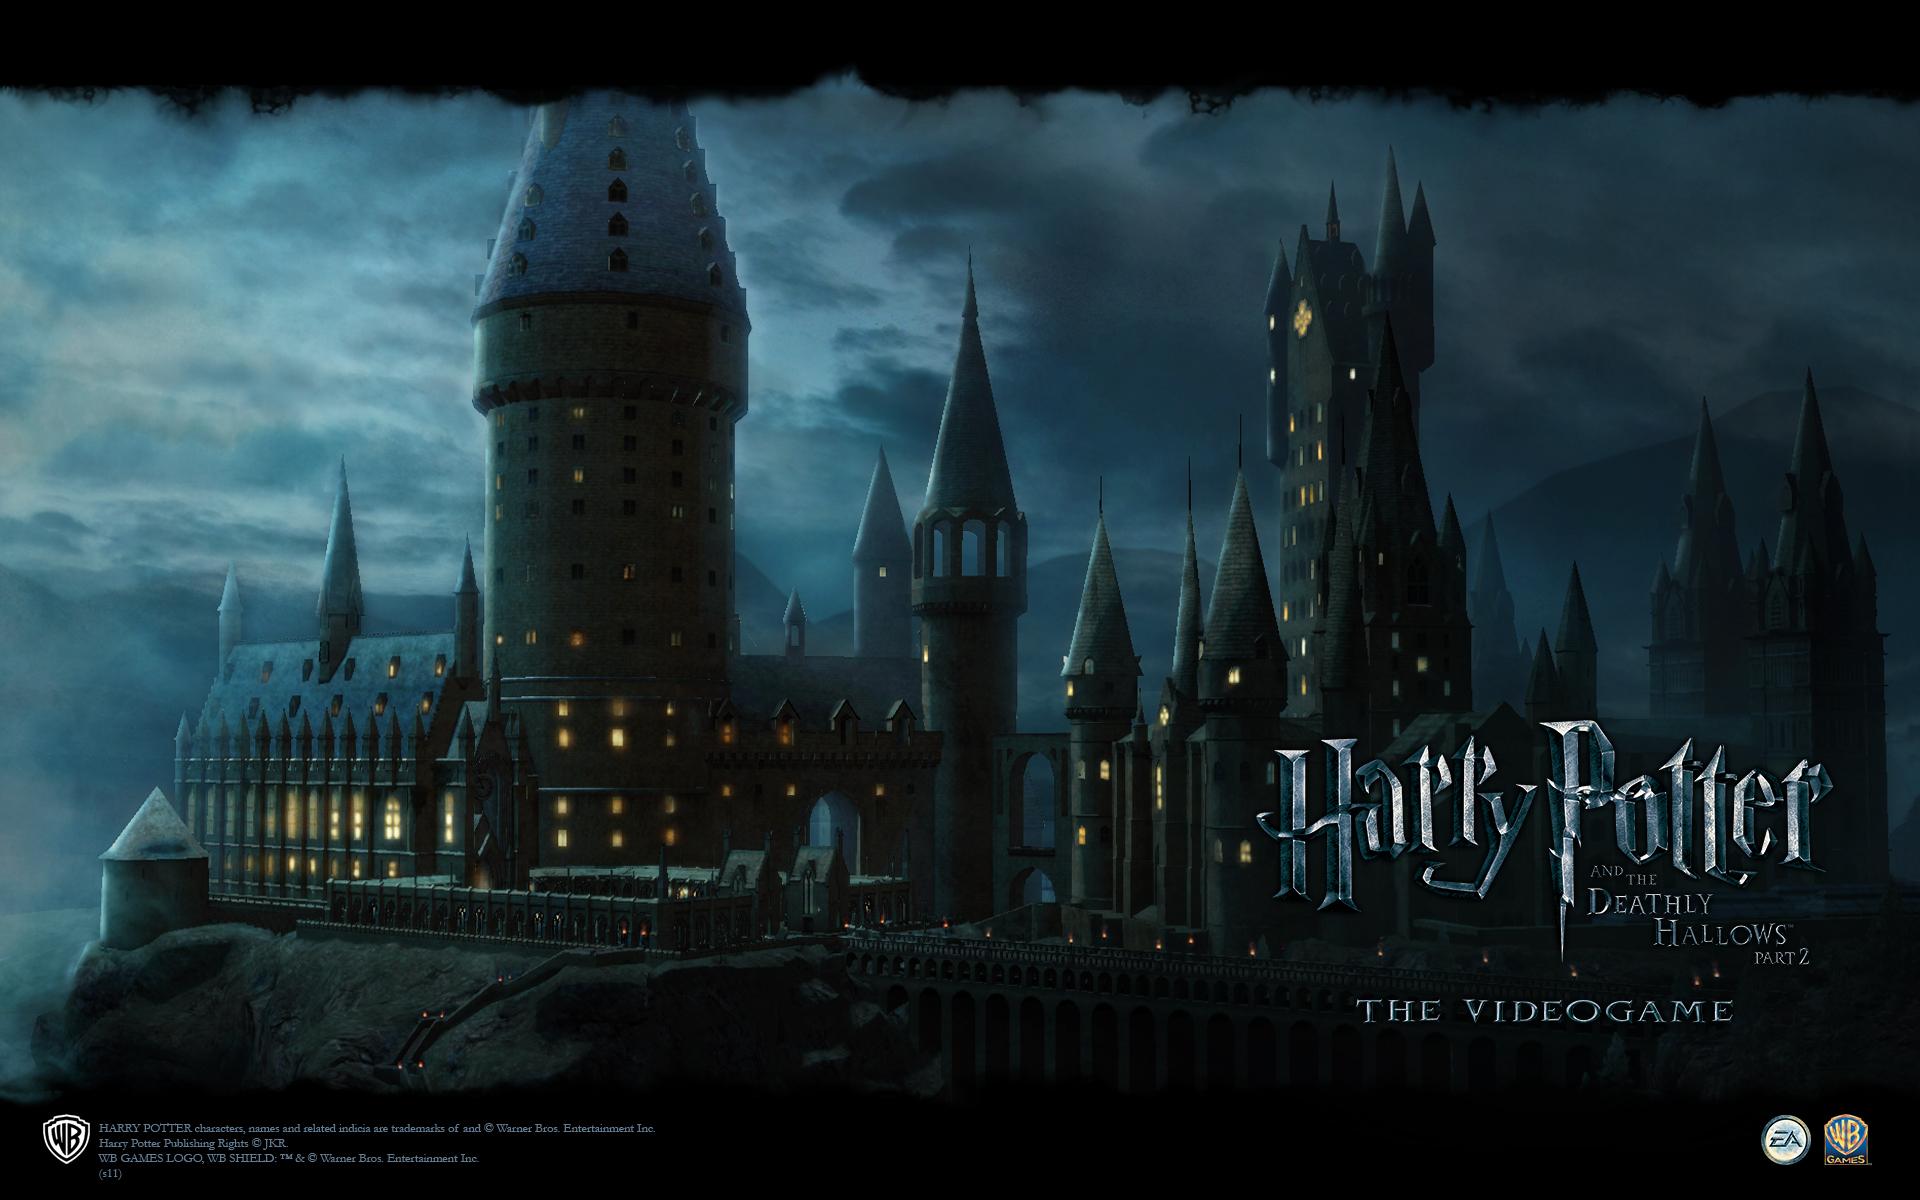 Hogwarts Wallpaper 1920x1200 Hogwarts 1920x1200